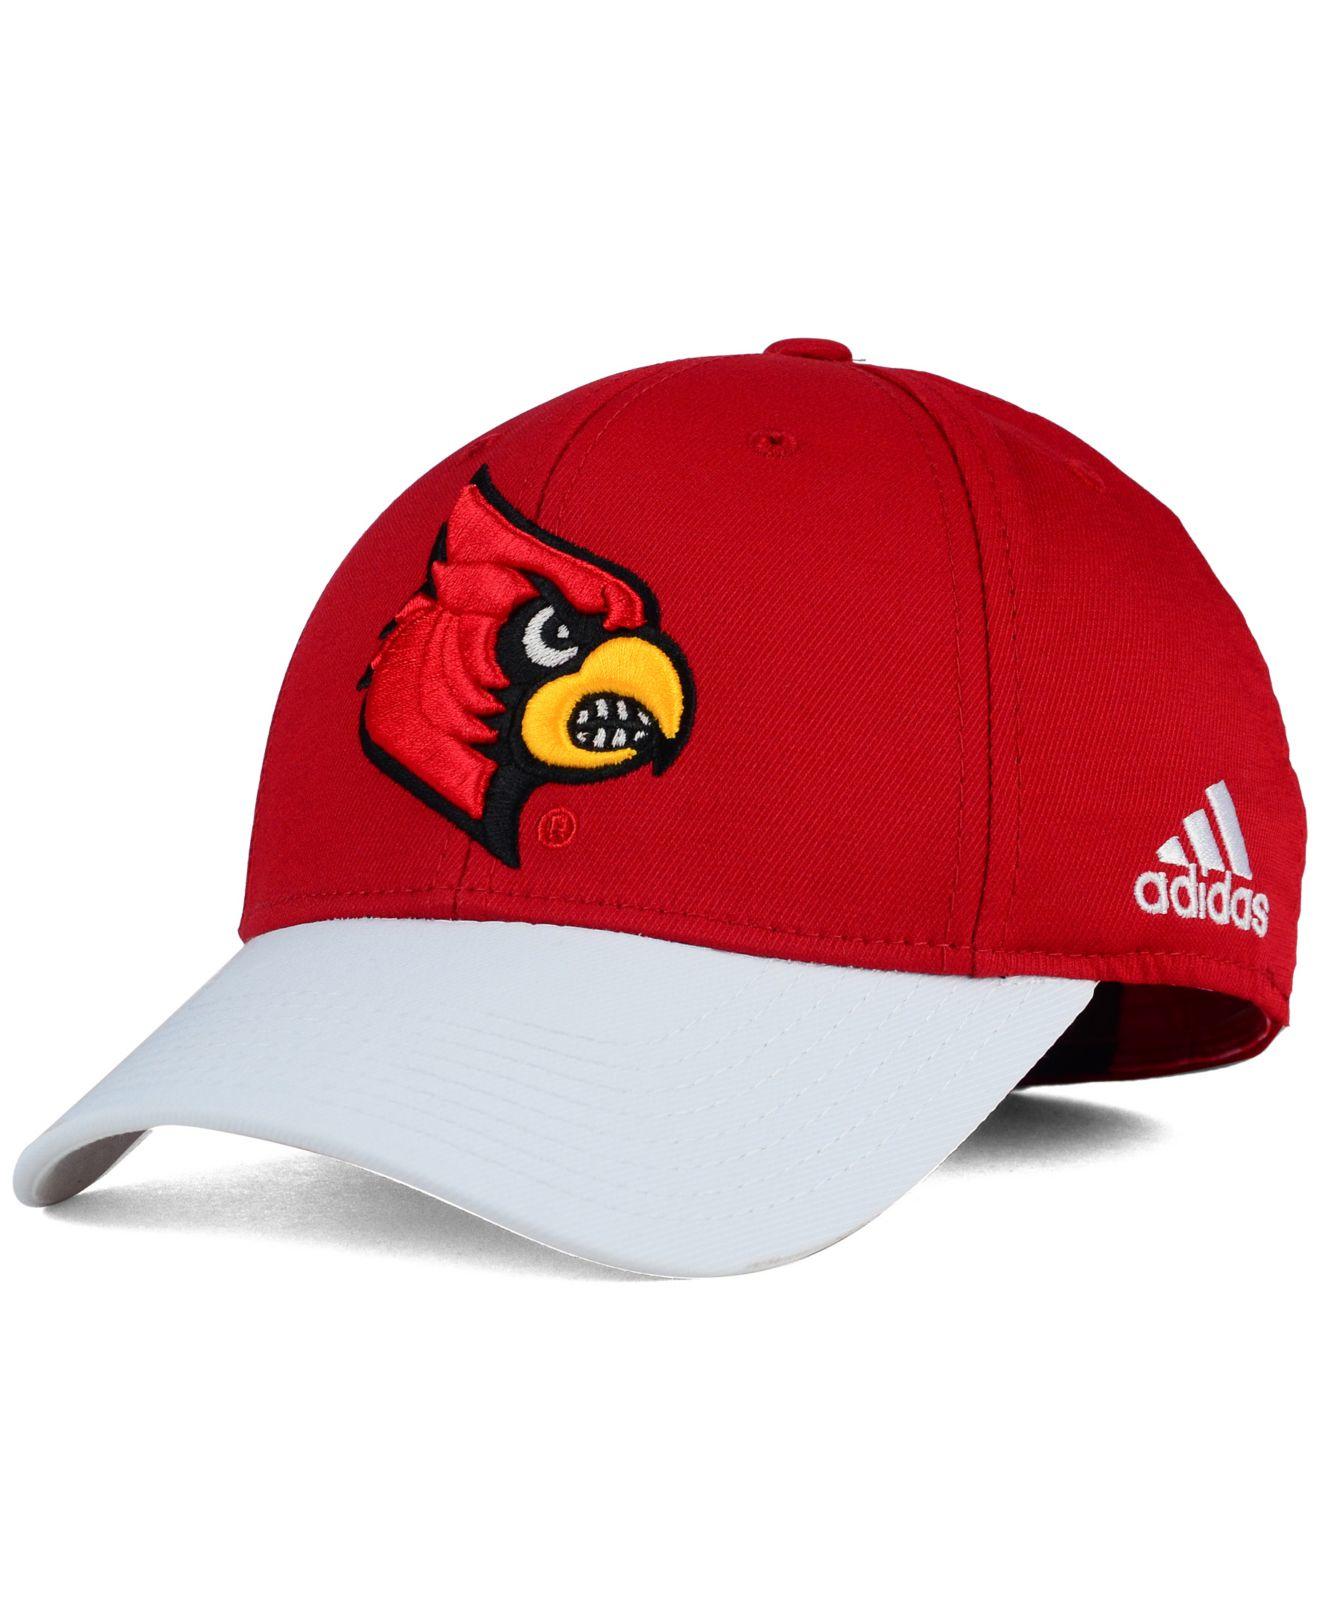 32269af845f Lyst - Adidas Originals Louisville Cardinals Structured Flex Cap in ...